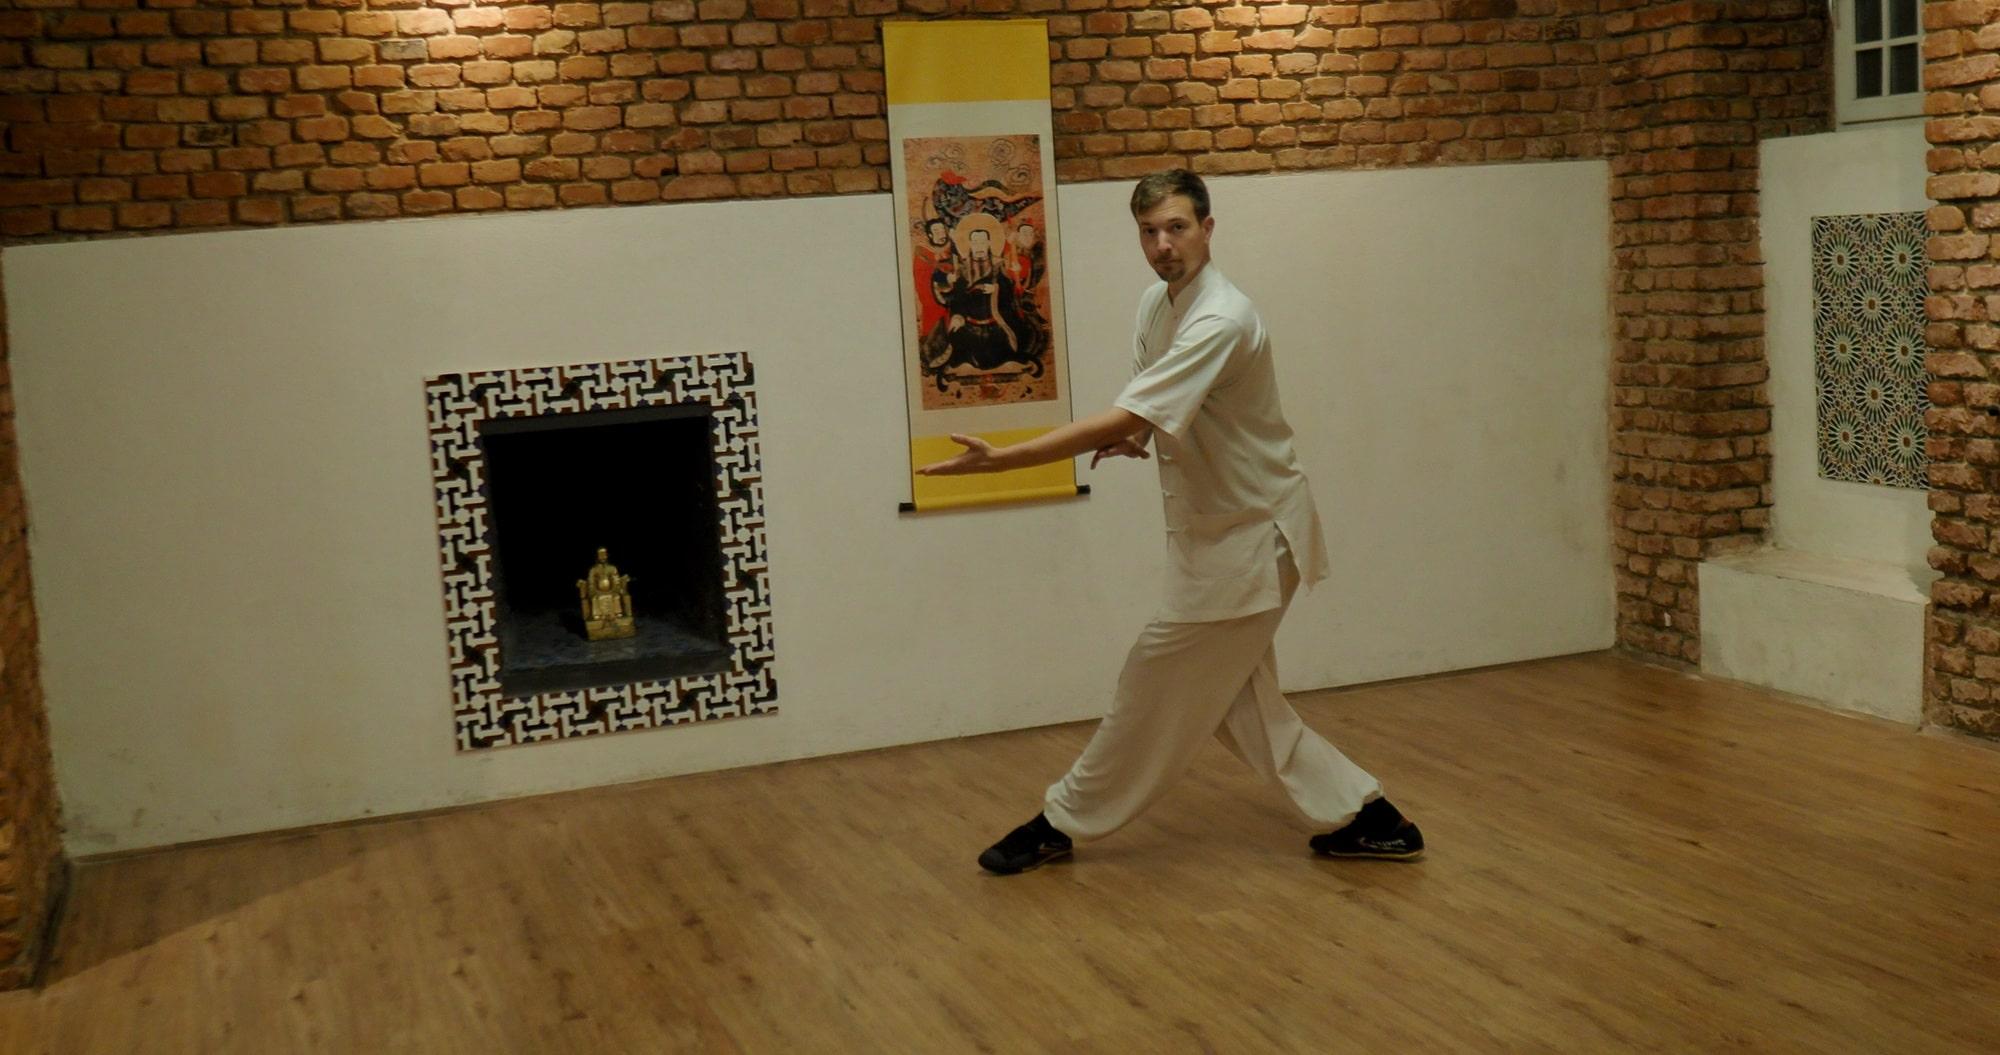 Ba Gua Zhang Eight Movement (Final)